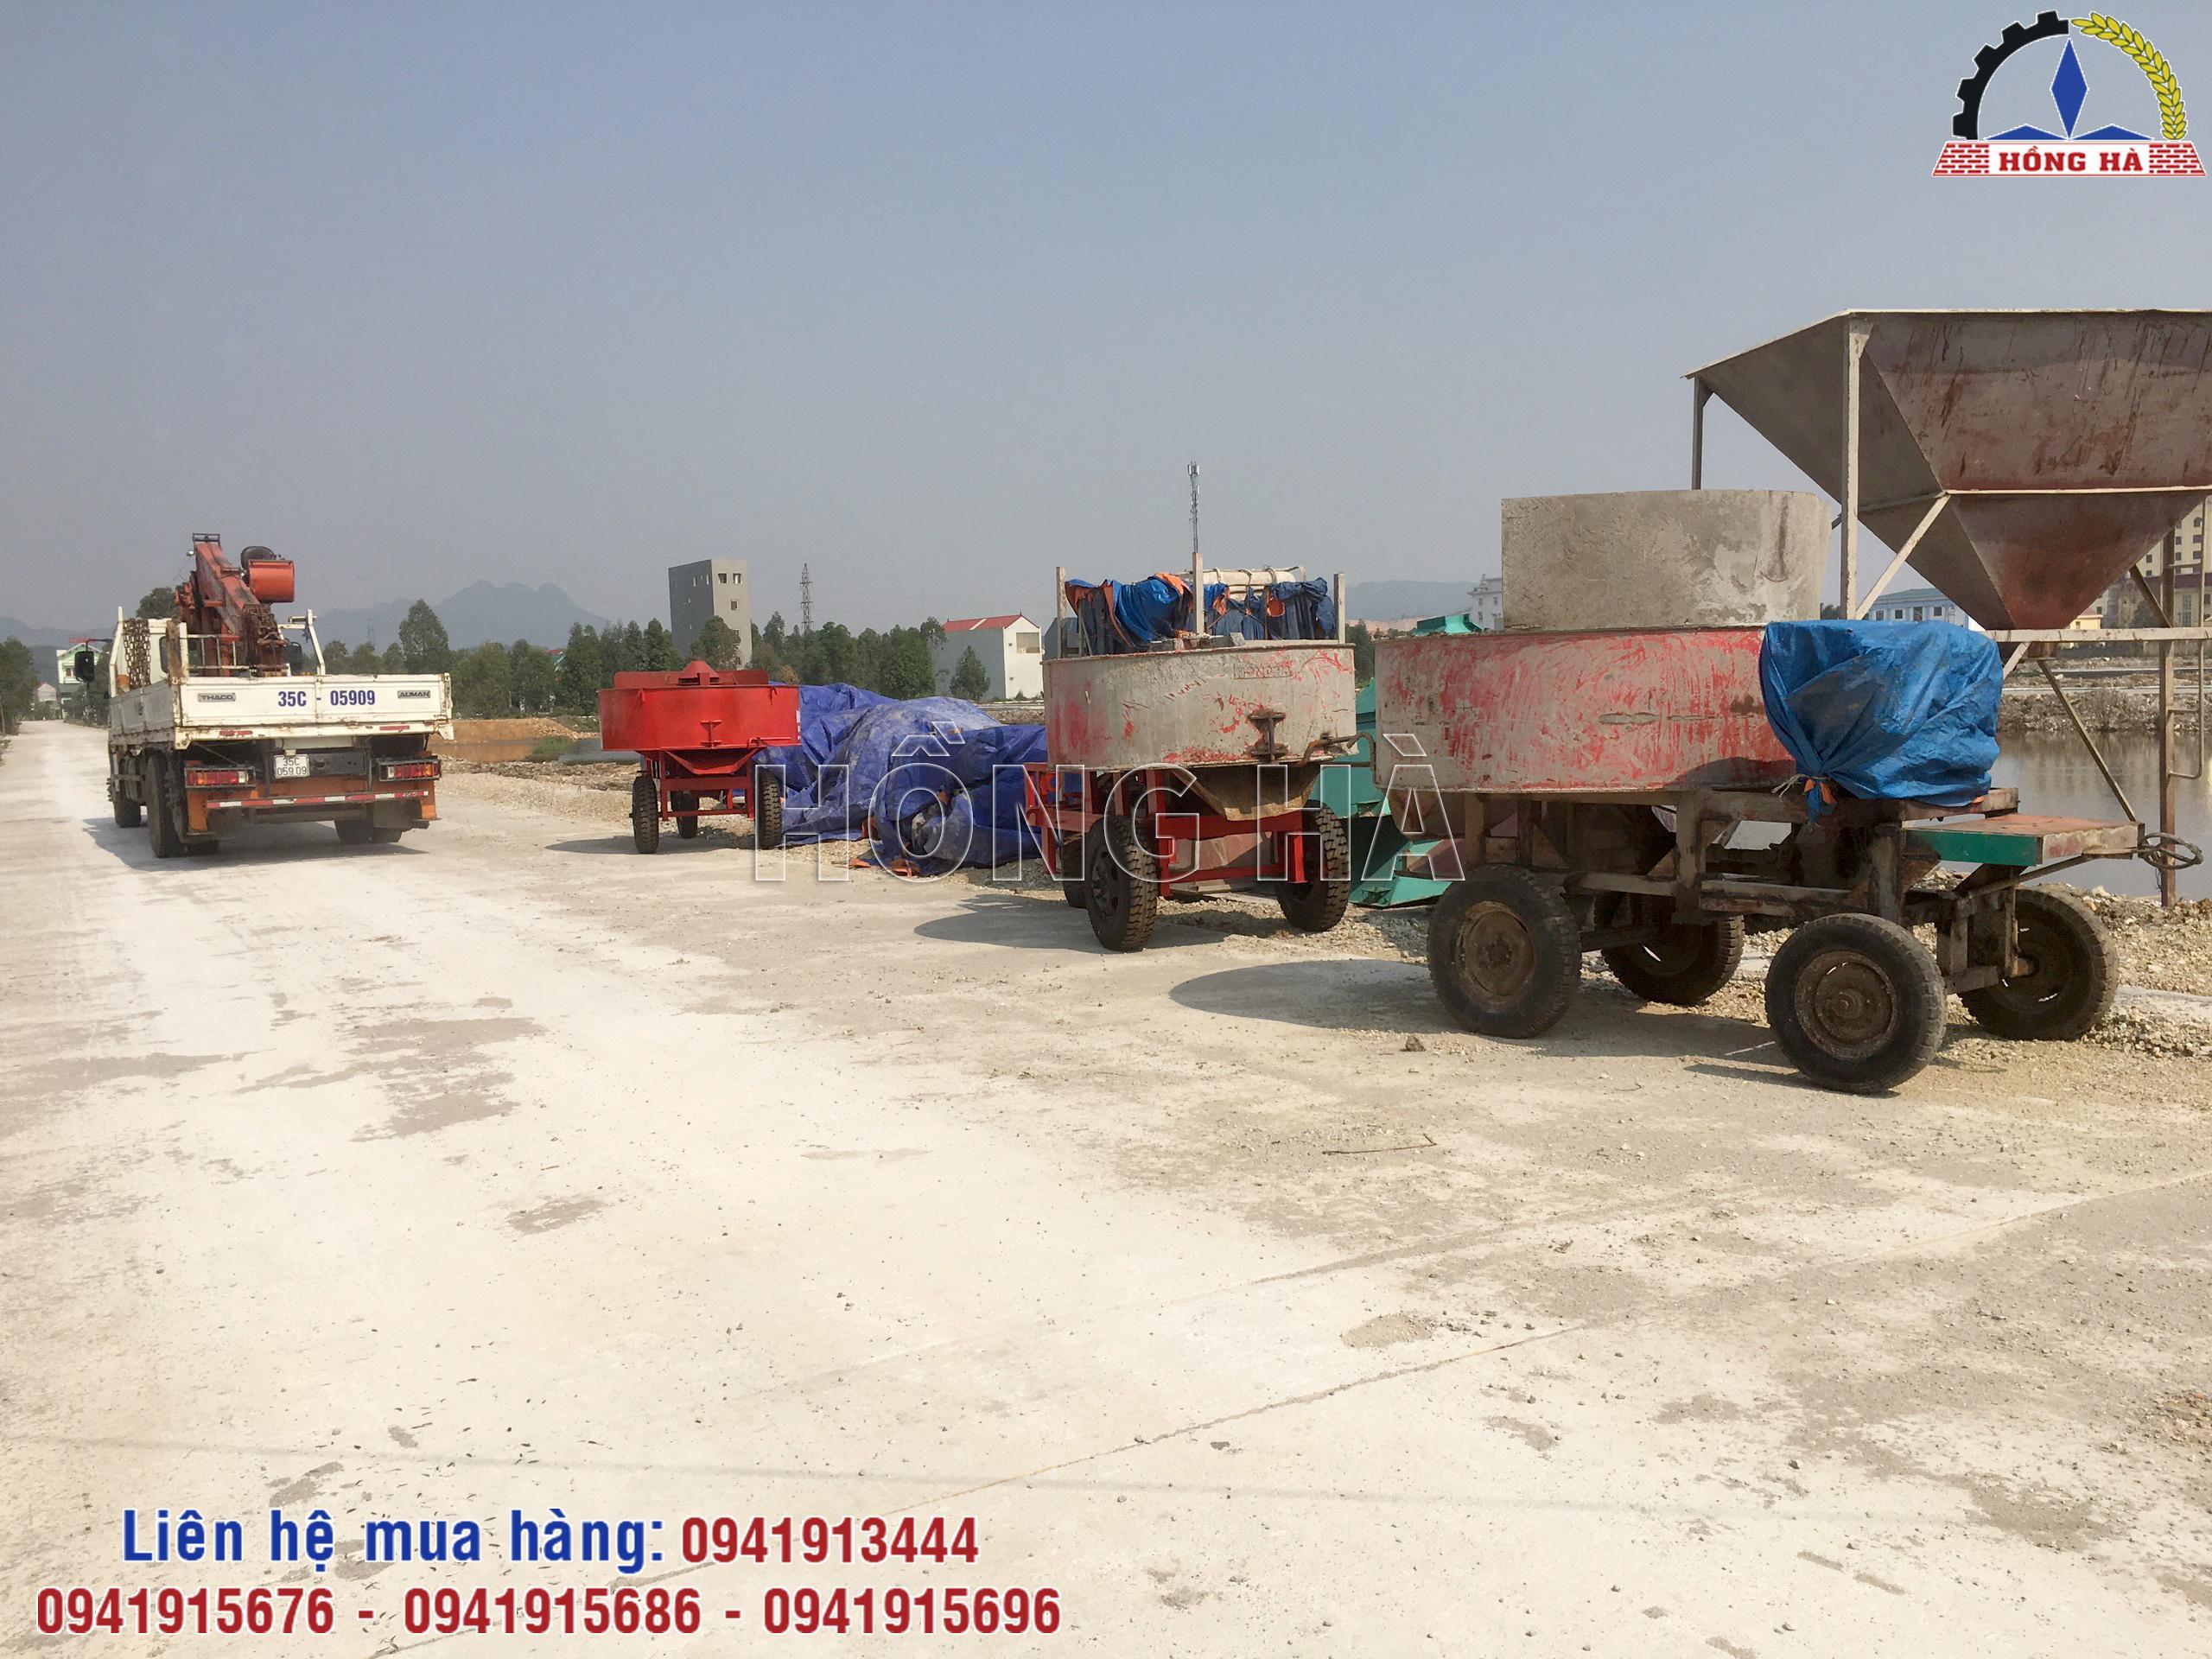 8 Khách hàng tại Ninh Bình nhận bàn giao máy trộn cưỡng bức CB2000 Hồng Hà